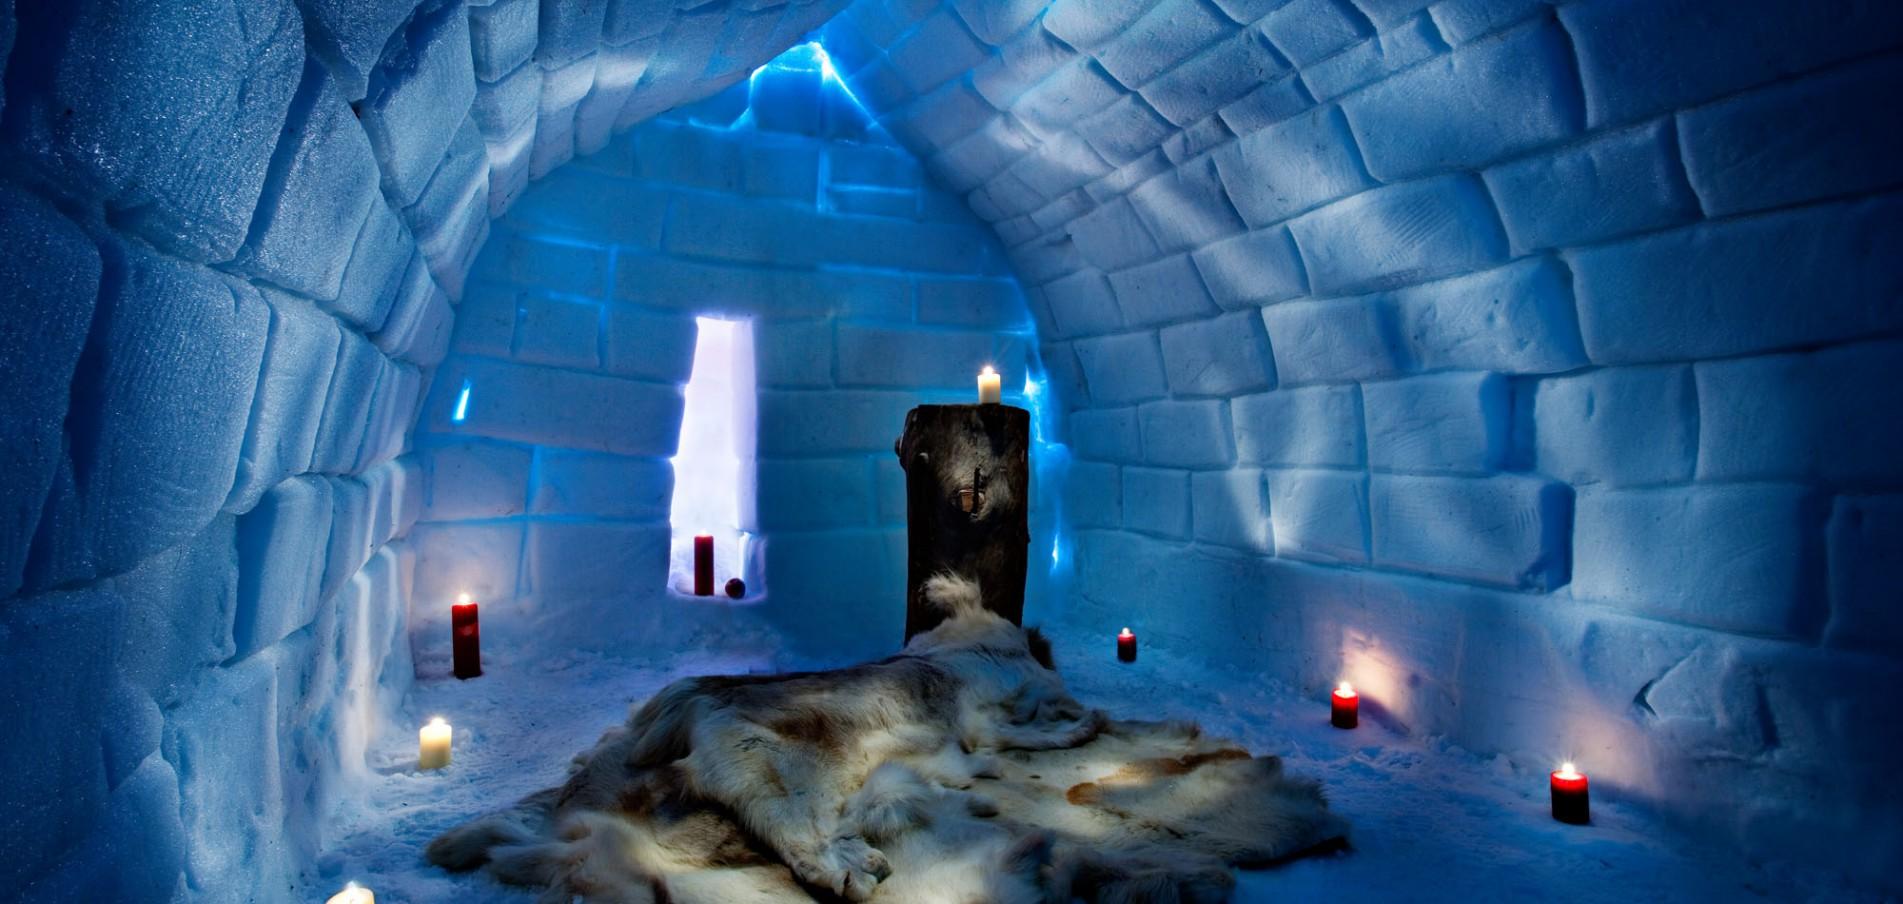 WILLKOMMEN IN LAPPLAND .... Winter Wonderland!